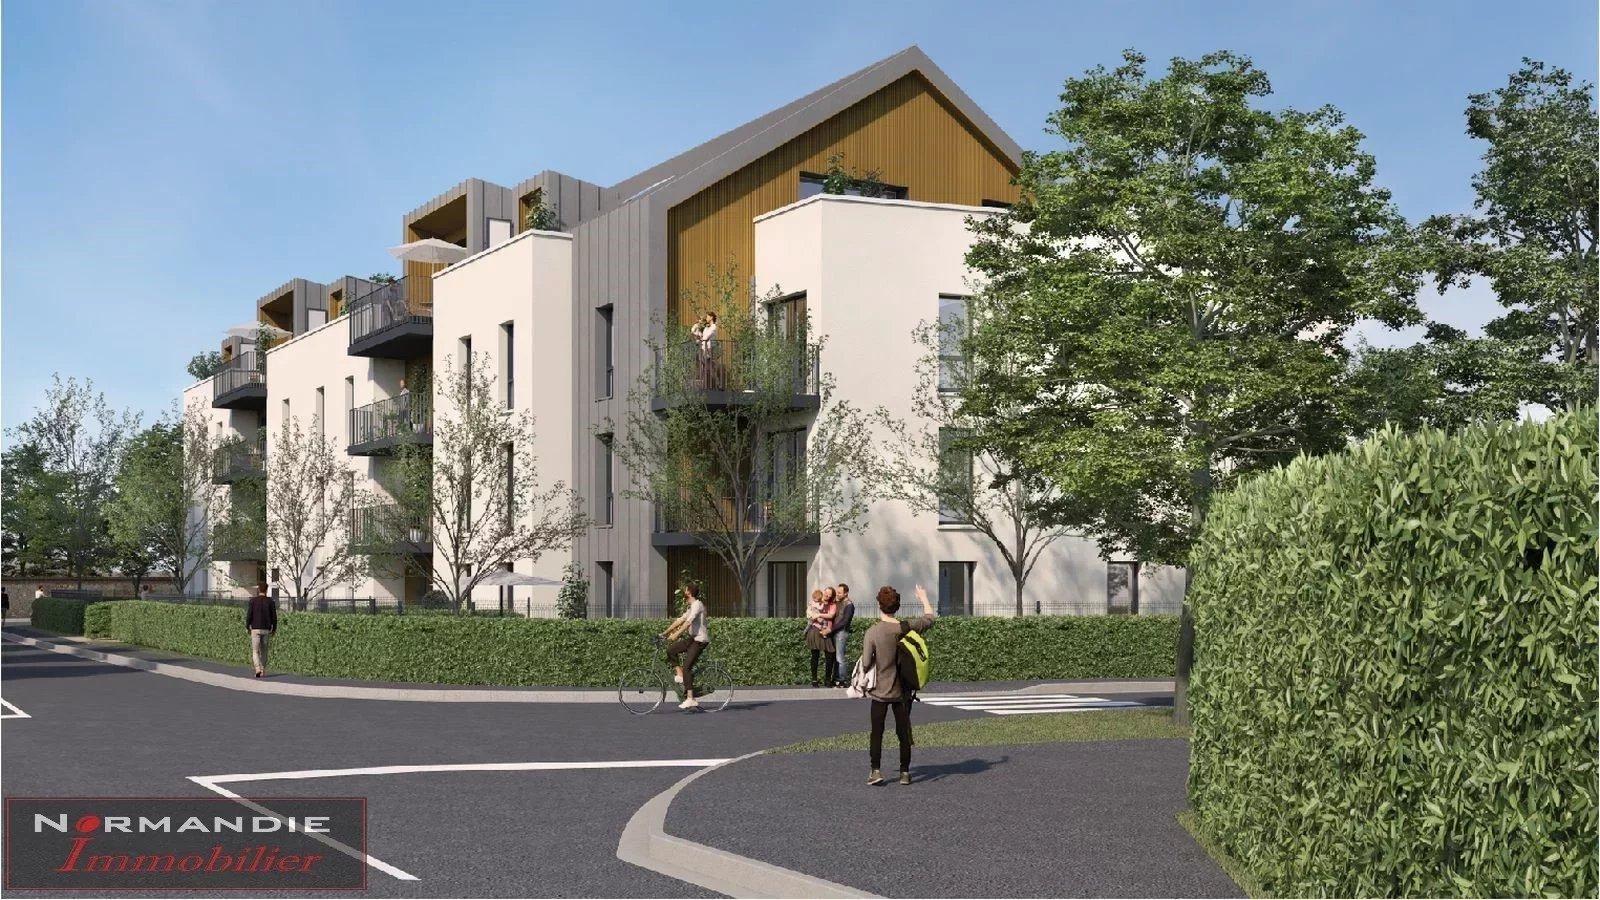 A vendre T2 NEUF Mont-St-Aignan